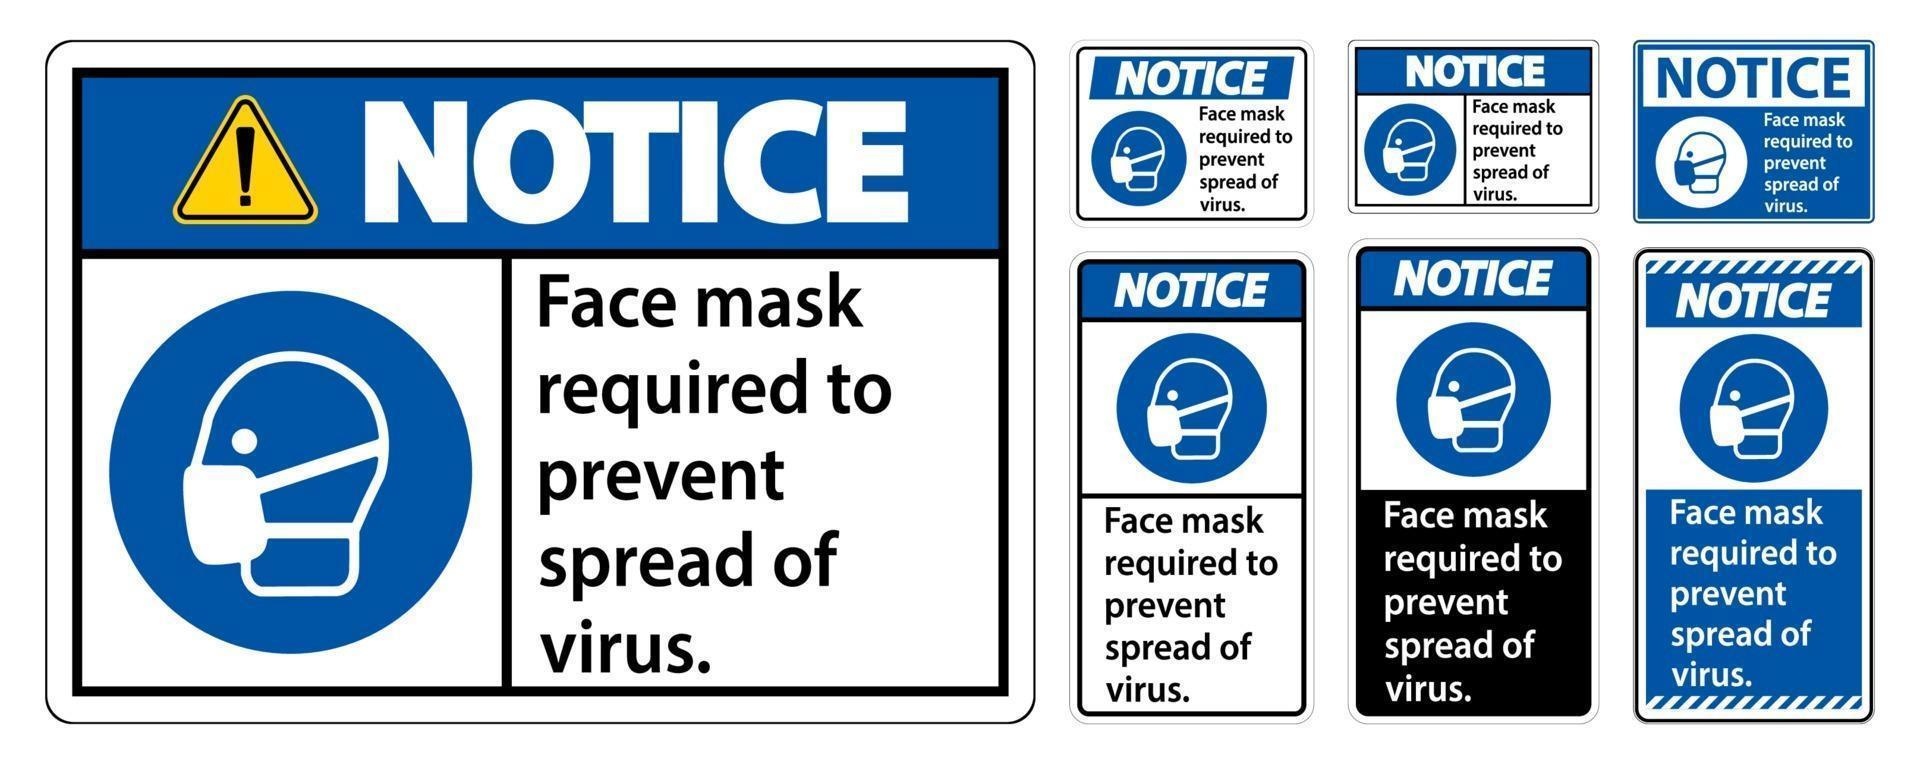 avviso maschera facciale necessaria per prevenire la diffusione del segno del virus su sfondo bianco vettore